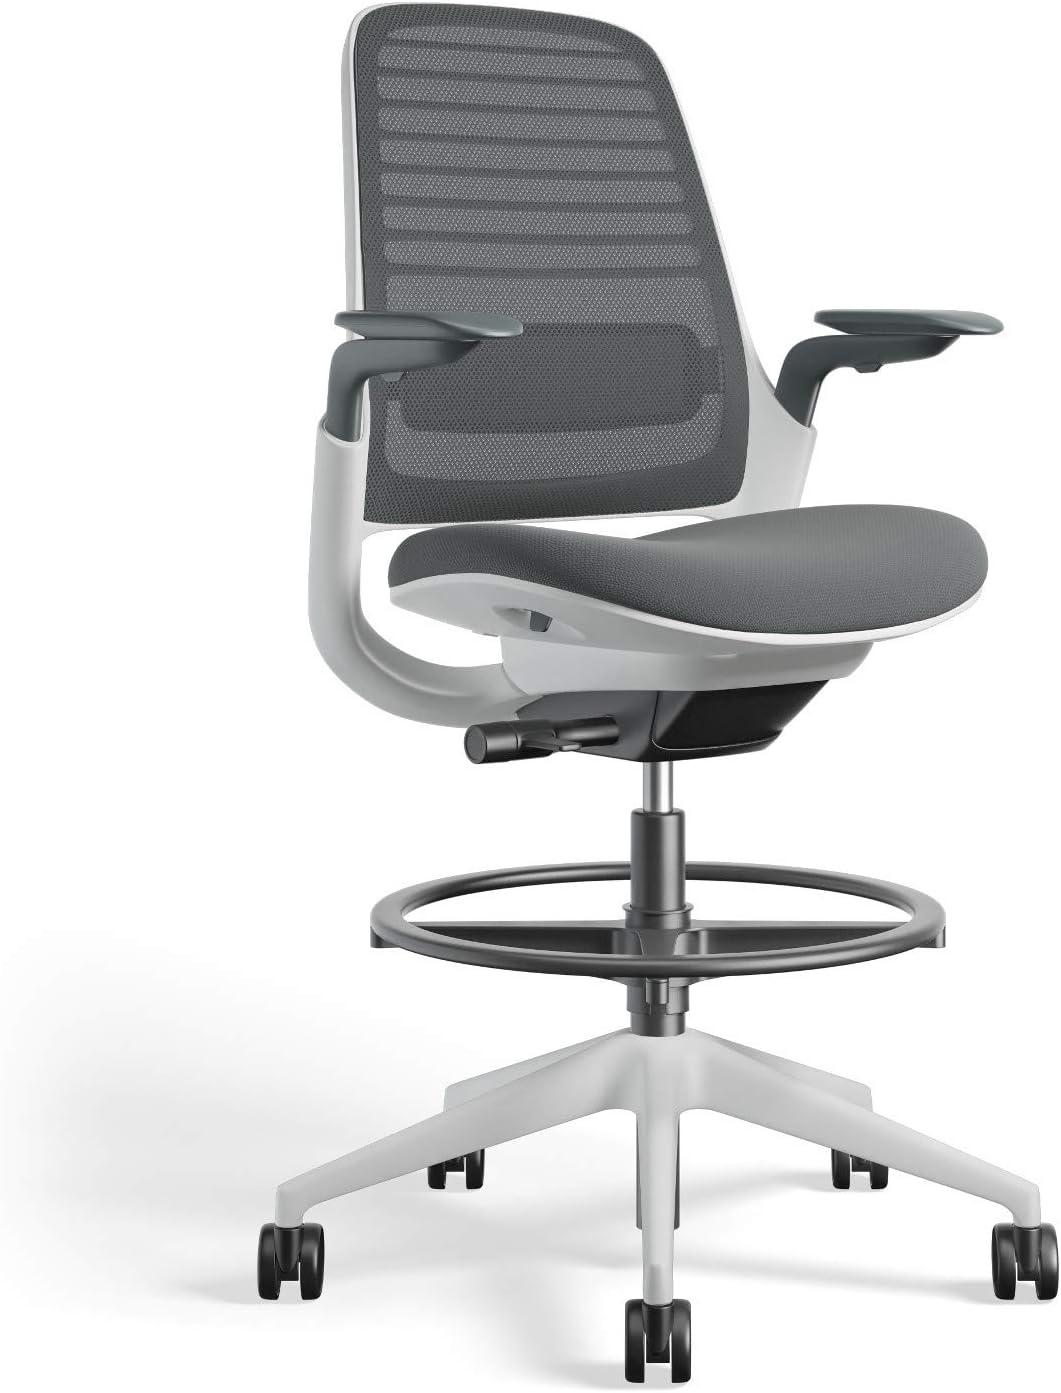 Steelcase Series 1 Office stool, Nickel